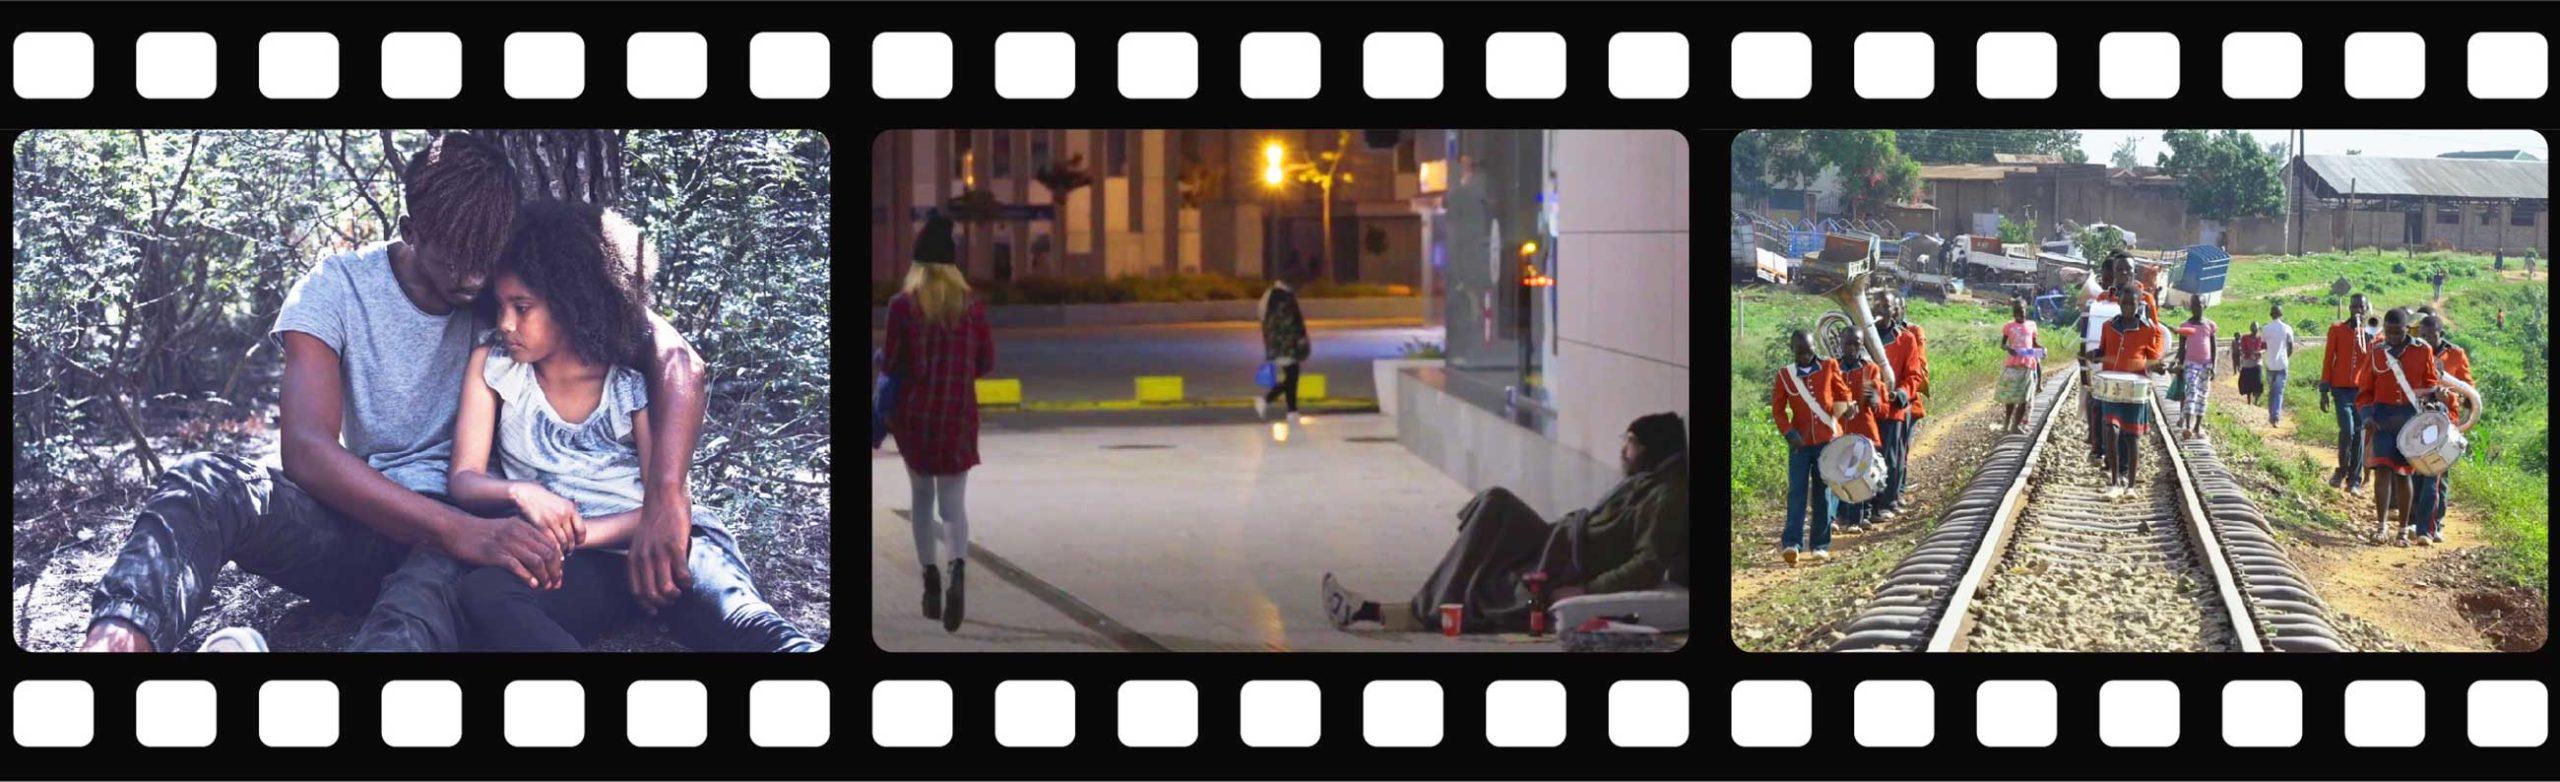 Homeless Film Festival 5